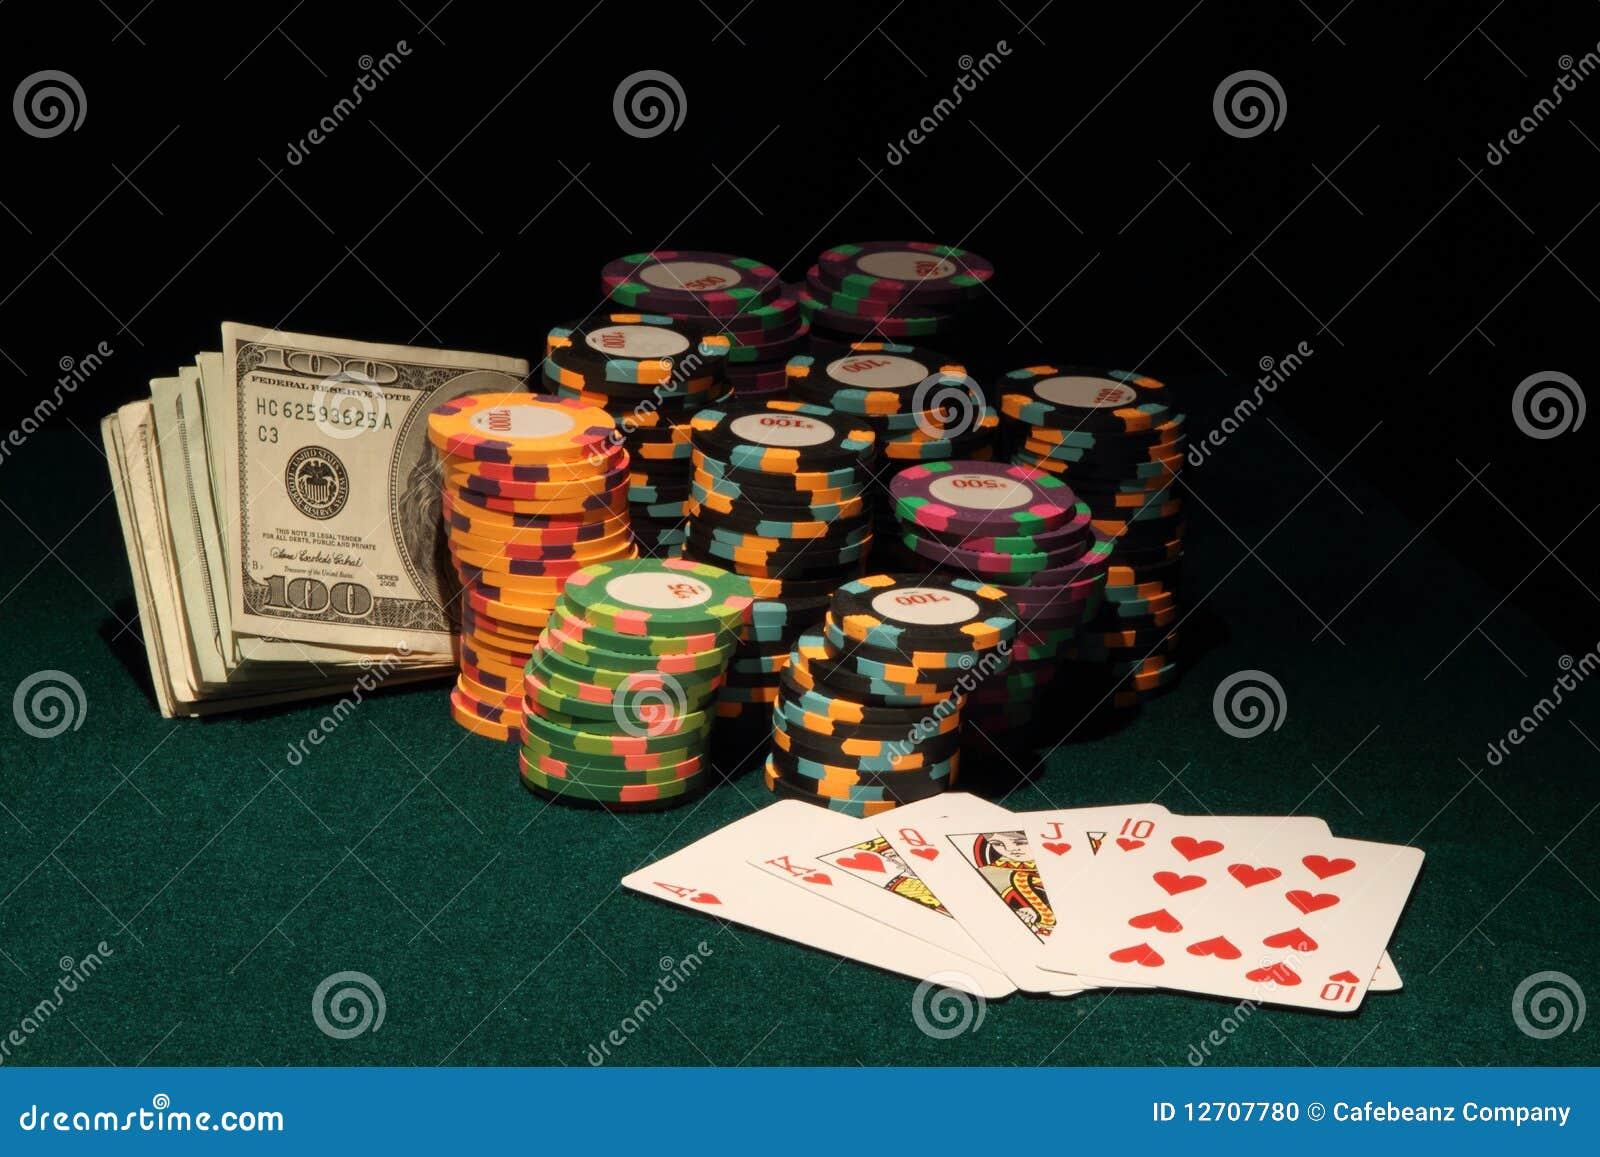 Royal casino management gambling laws cheating